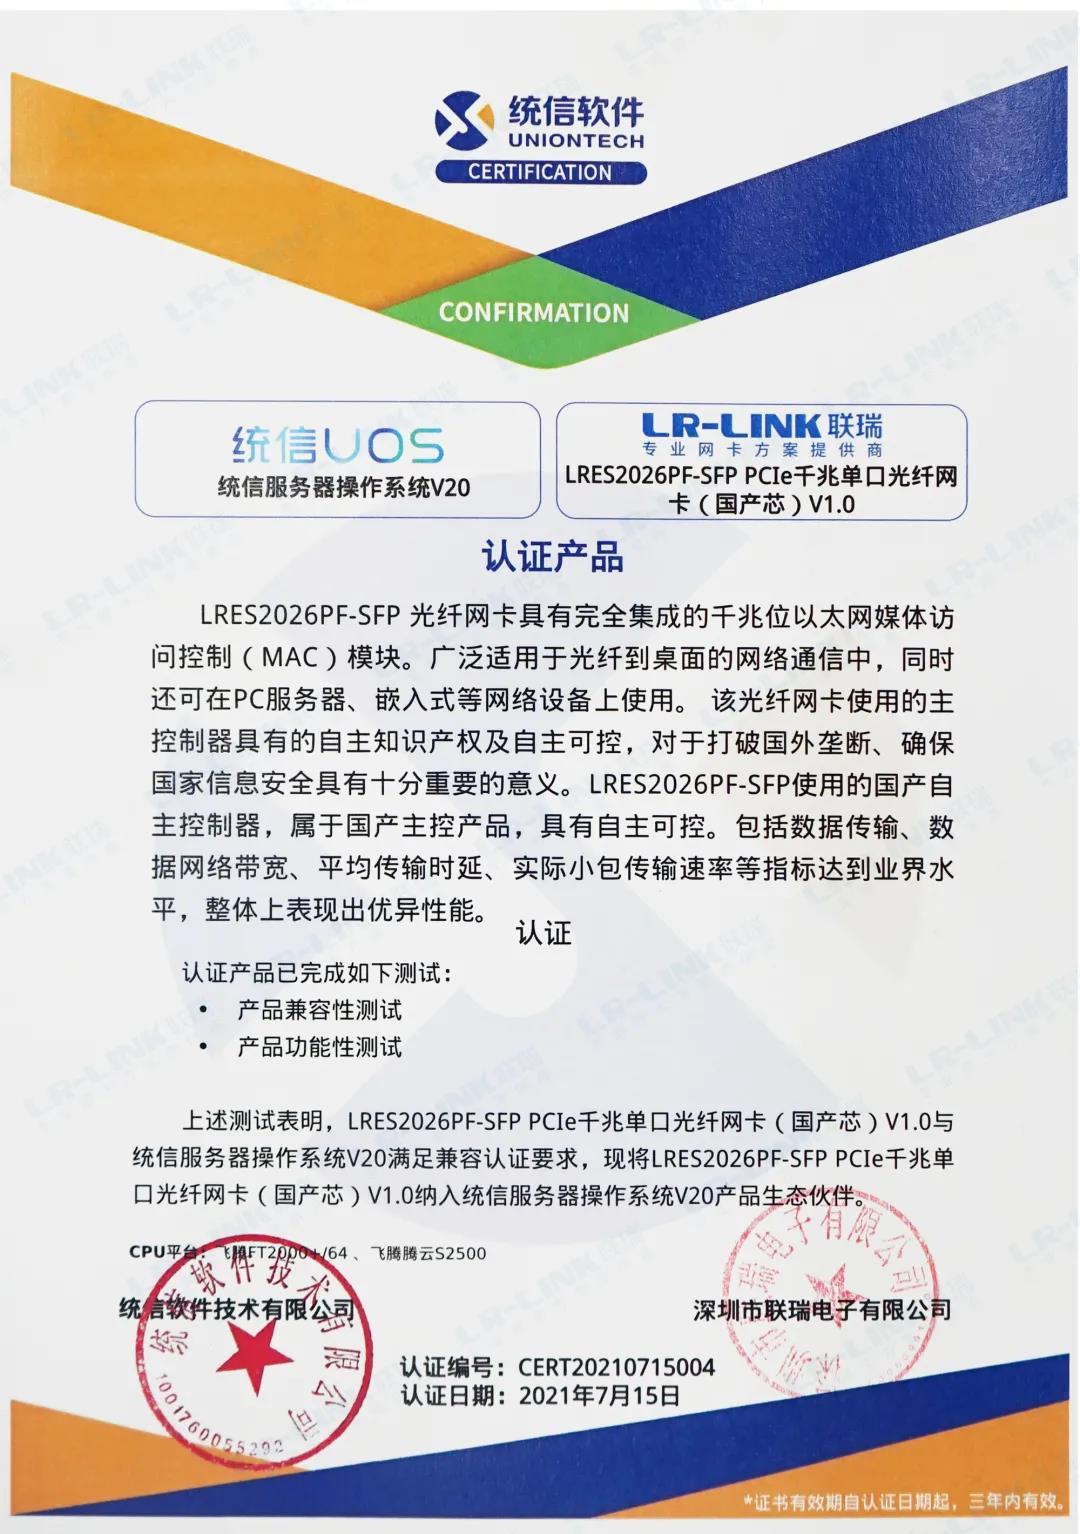 支持国产化进程,LR-LINK联瑞与统信UOS完成产品兼容认证